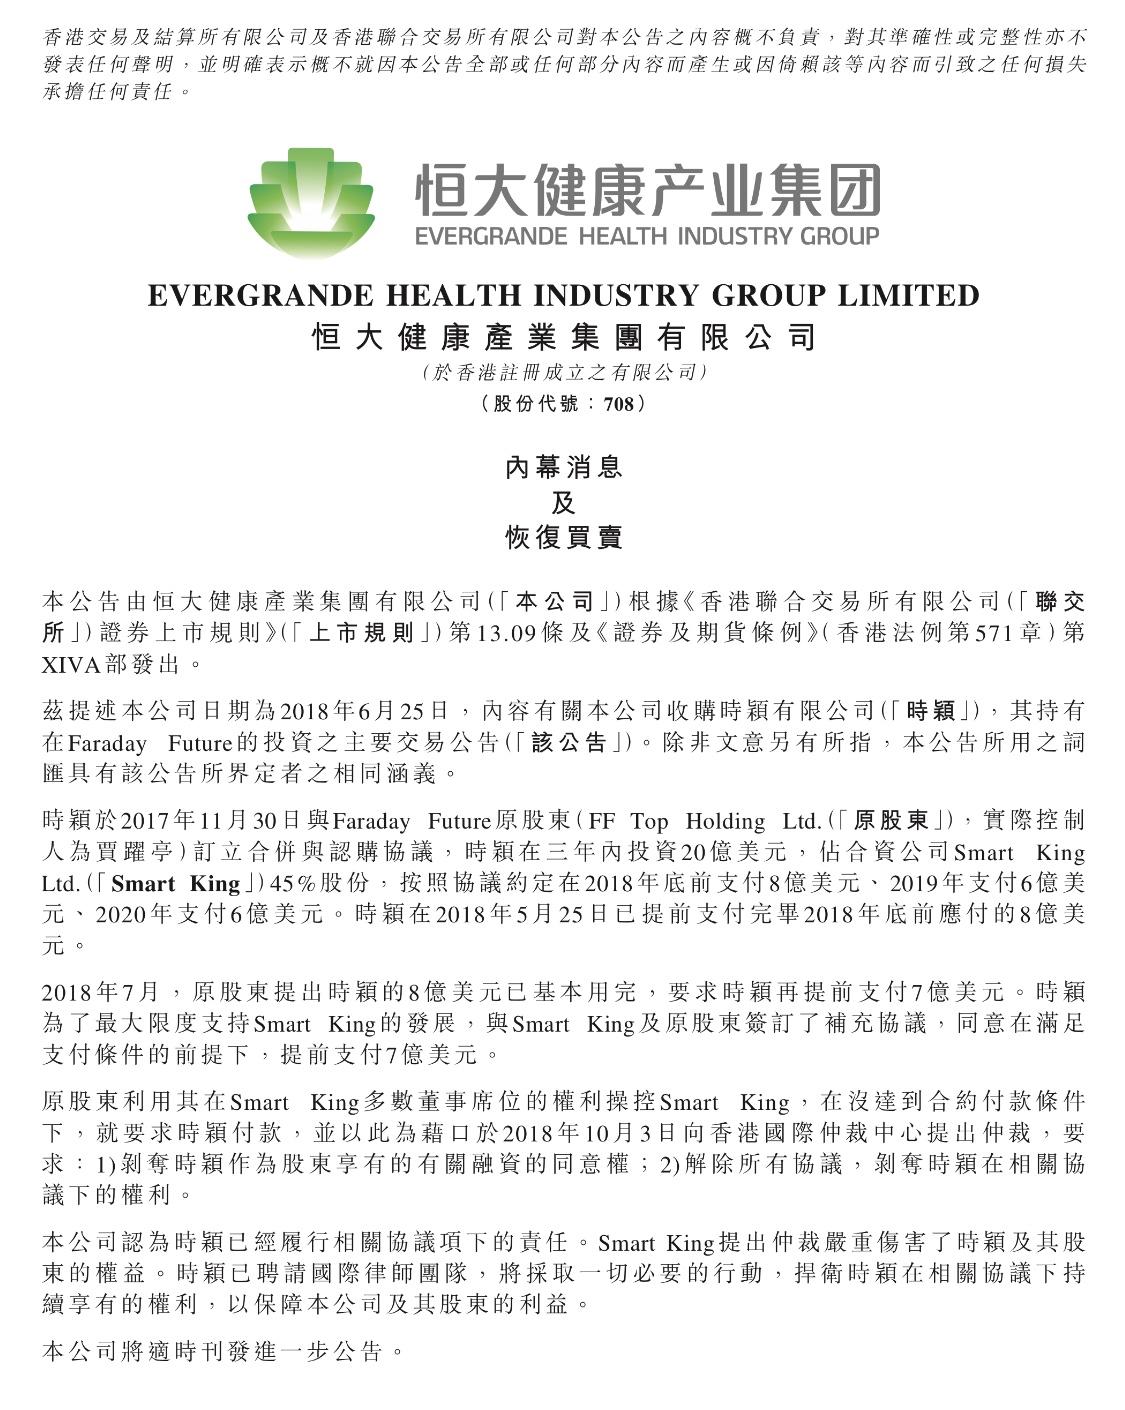 恒大健康公告:贾跃亭欲撕毁合约踢恒大出局 半年耗尽恒大8亿美金-中国网地产